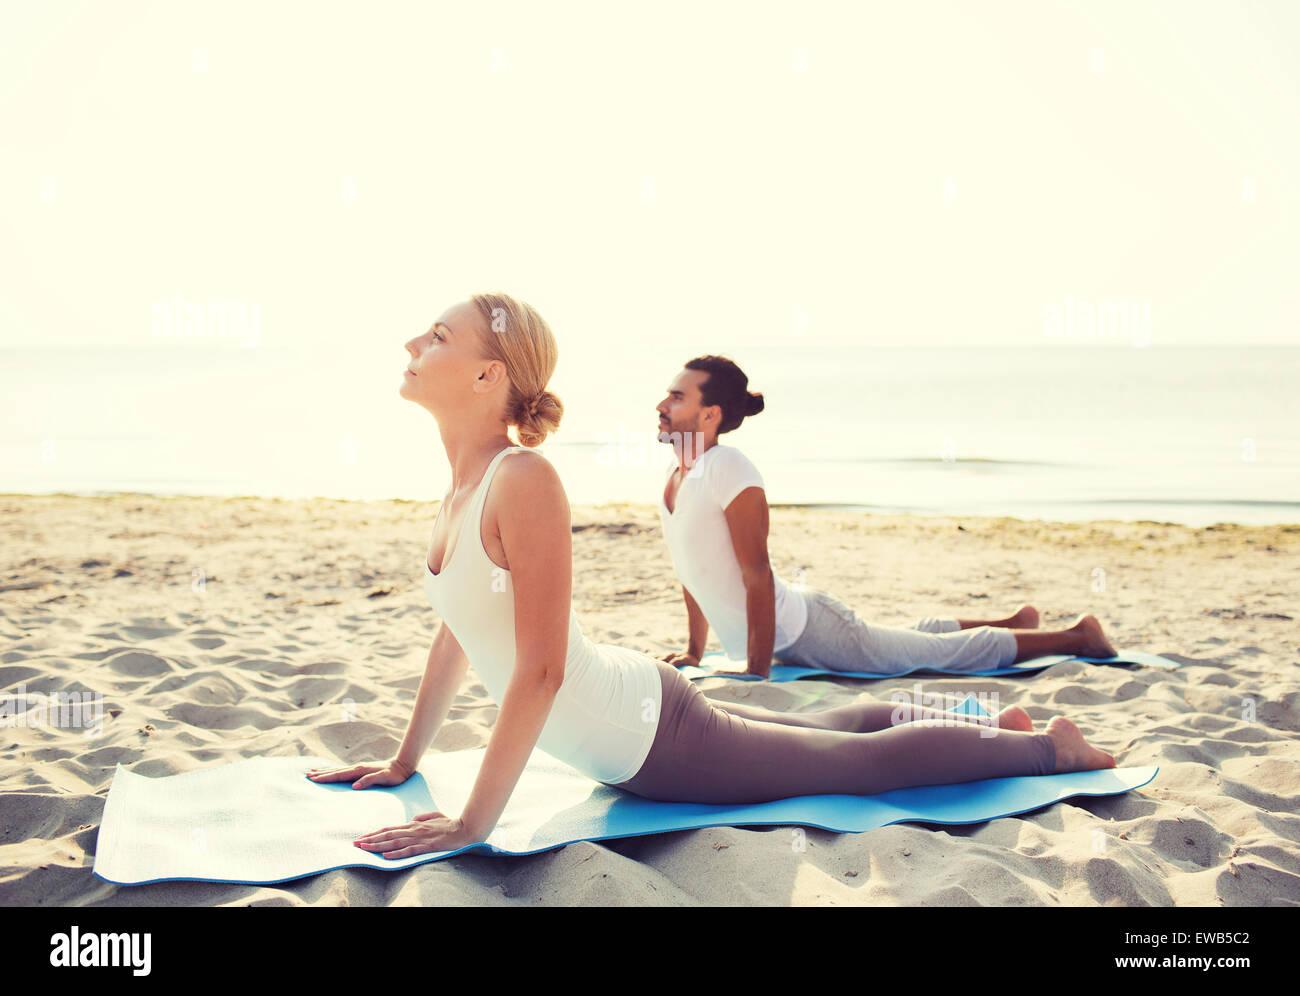 Exercices de yoga en plein air en couple Photo Stock